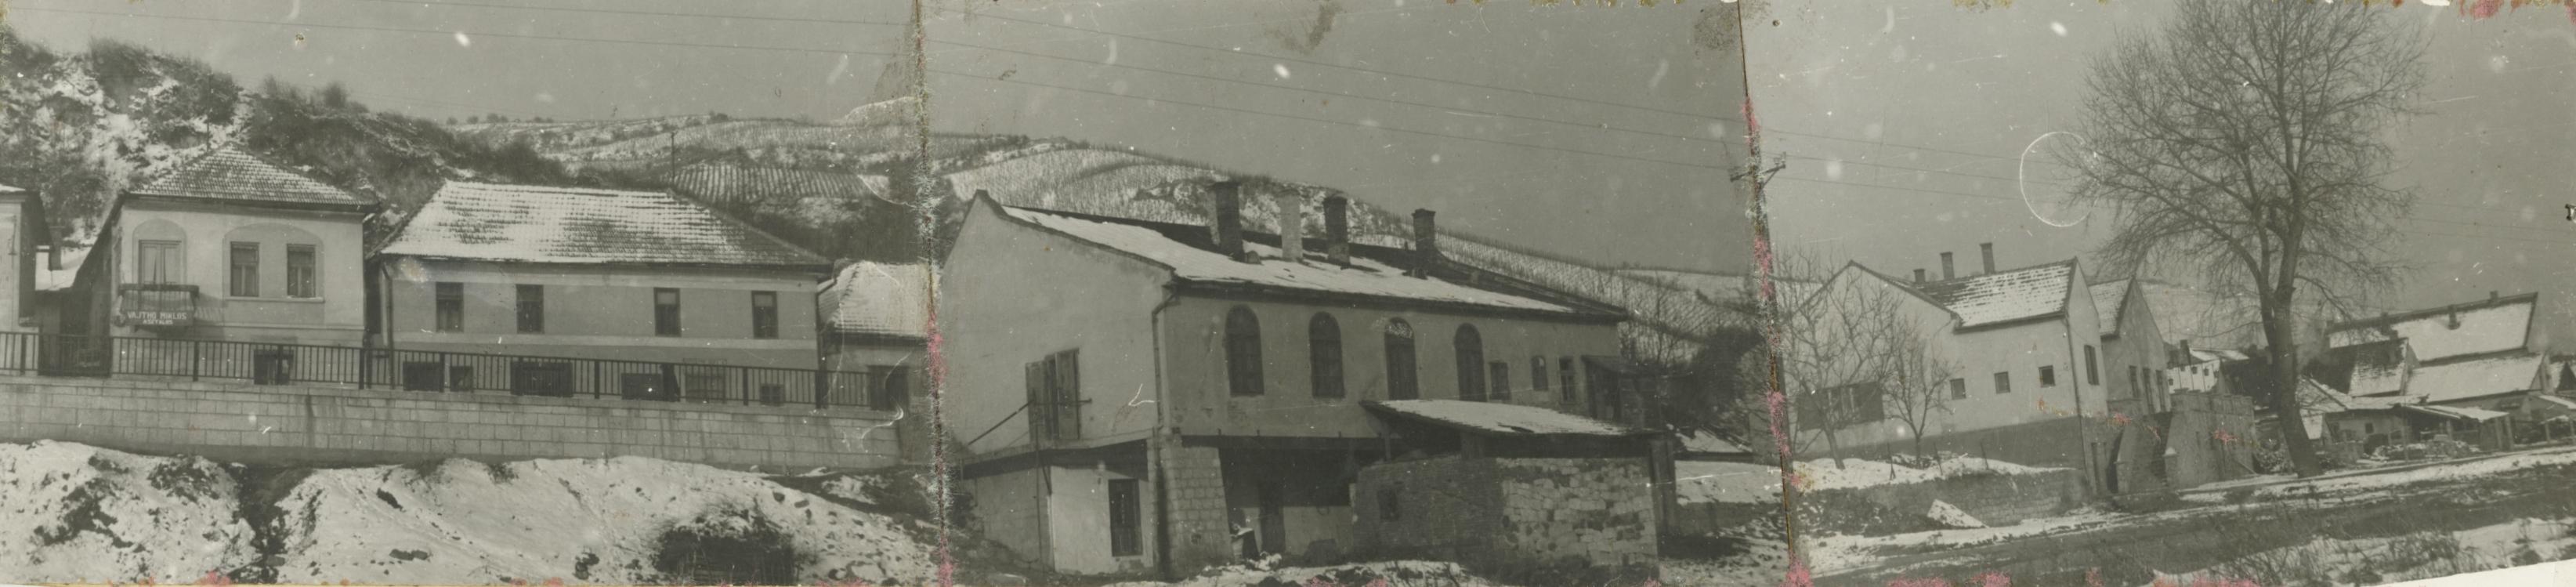 Tokaji panorámakép második fele